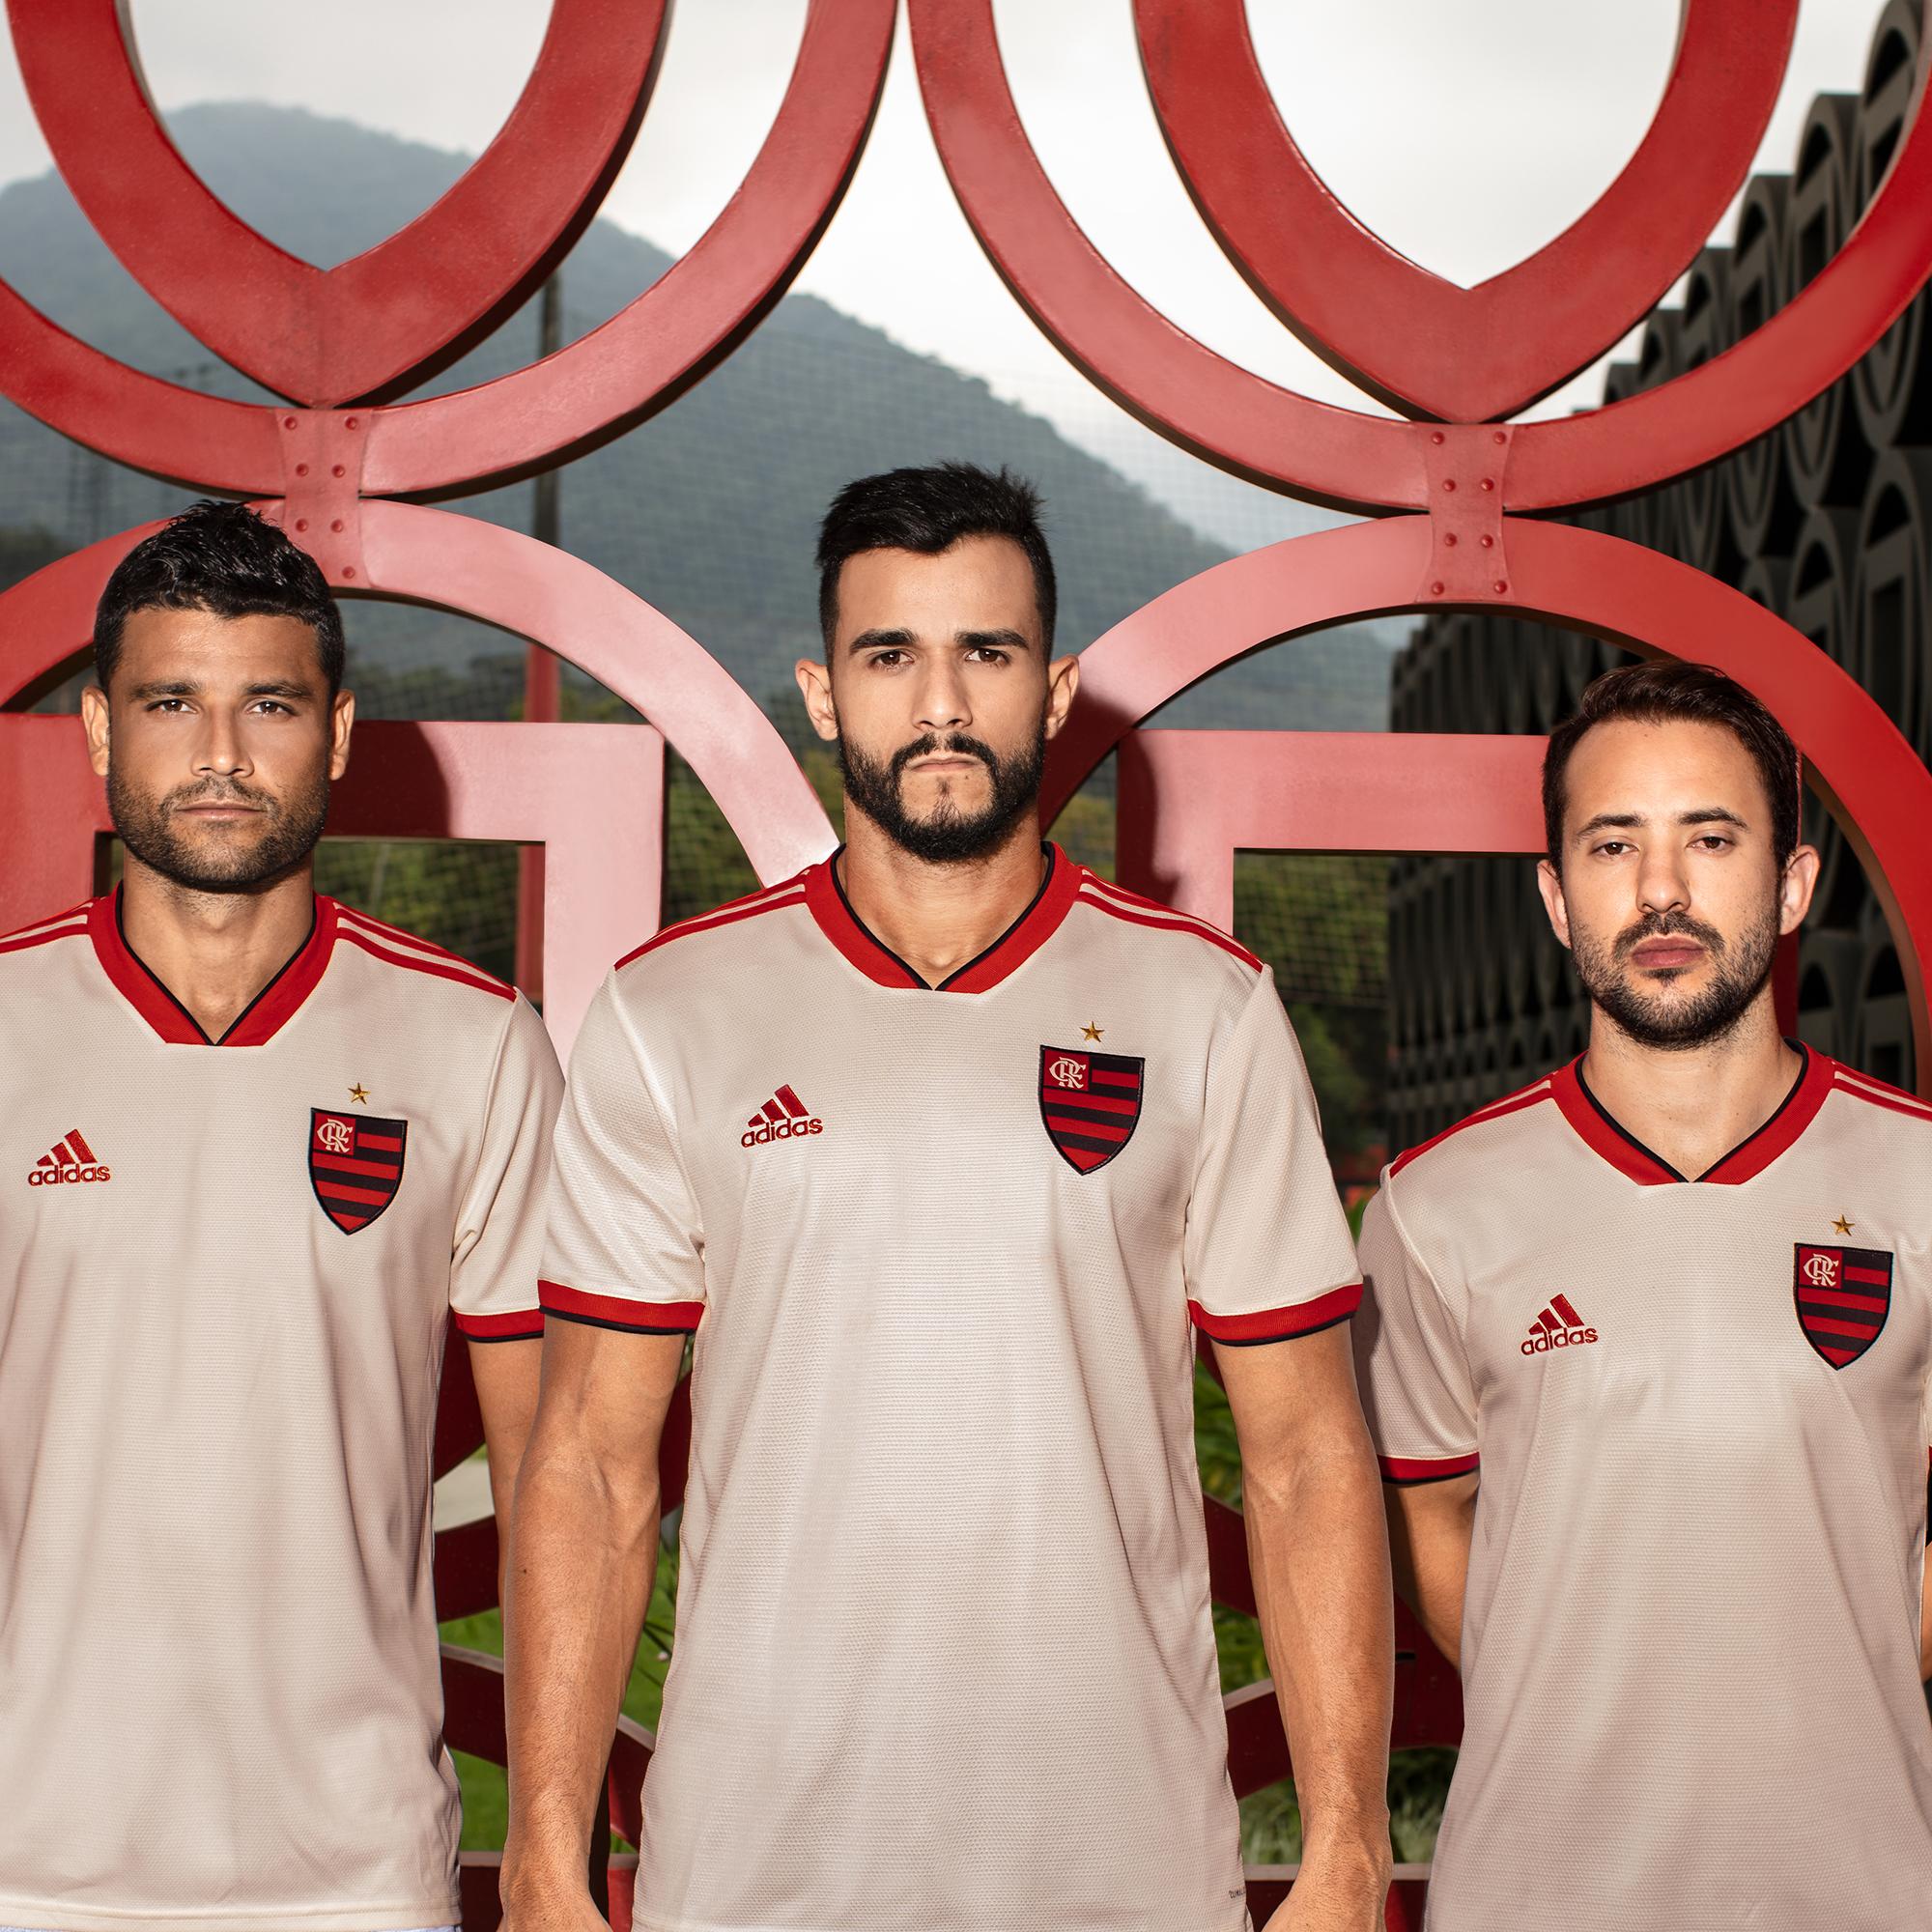 O Flamengo e a Adidas apresentaram nesta sexta a nova camisa 2 para 2018. O  uniforme vem numa versão mais clean 683030fa34cce